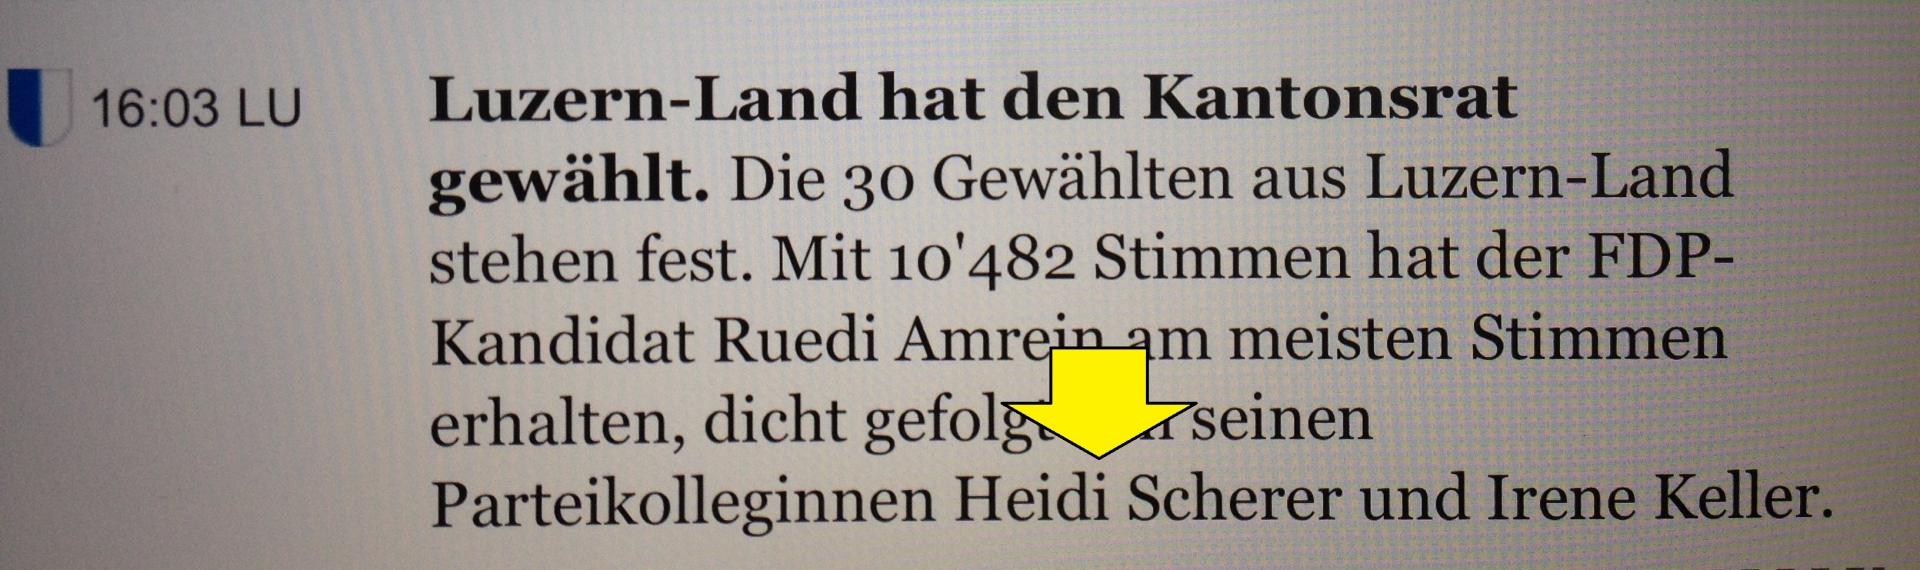 Meine Wiederwahl in den Kantonsrat: DANKE!